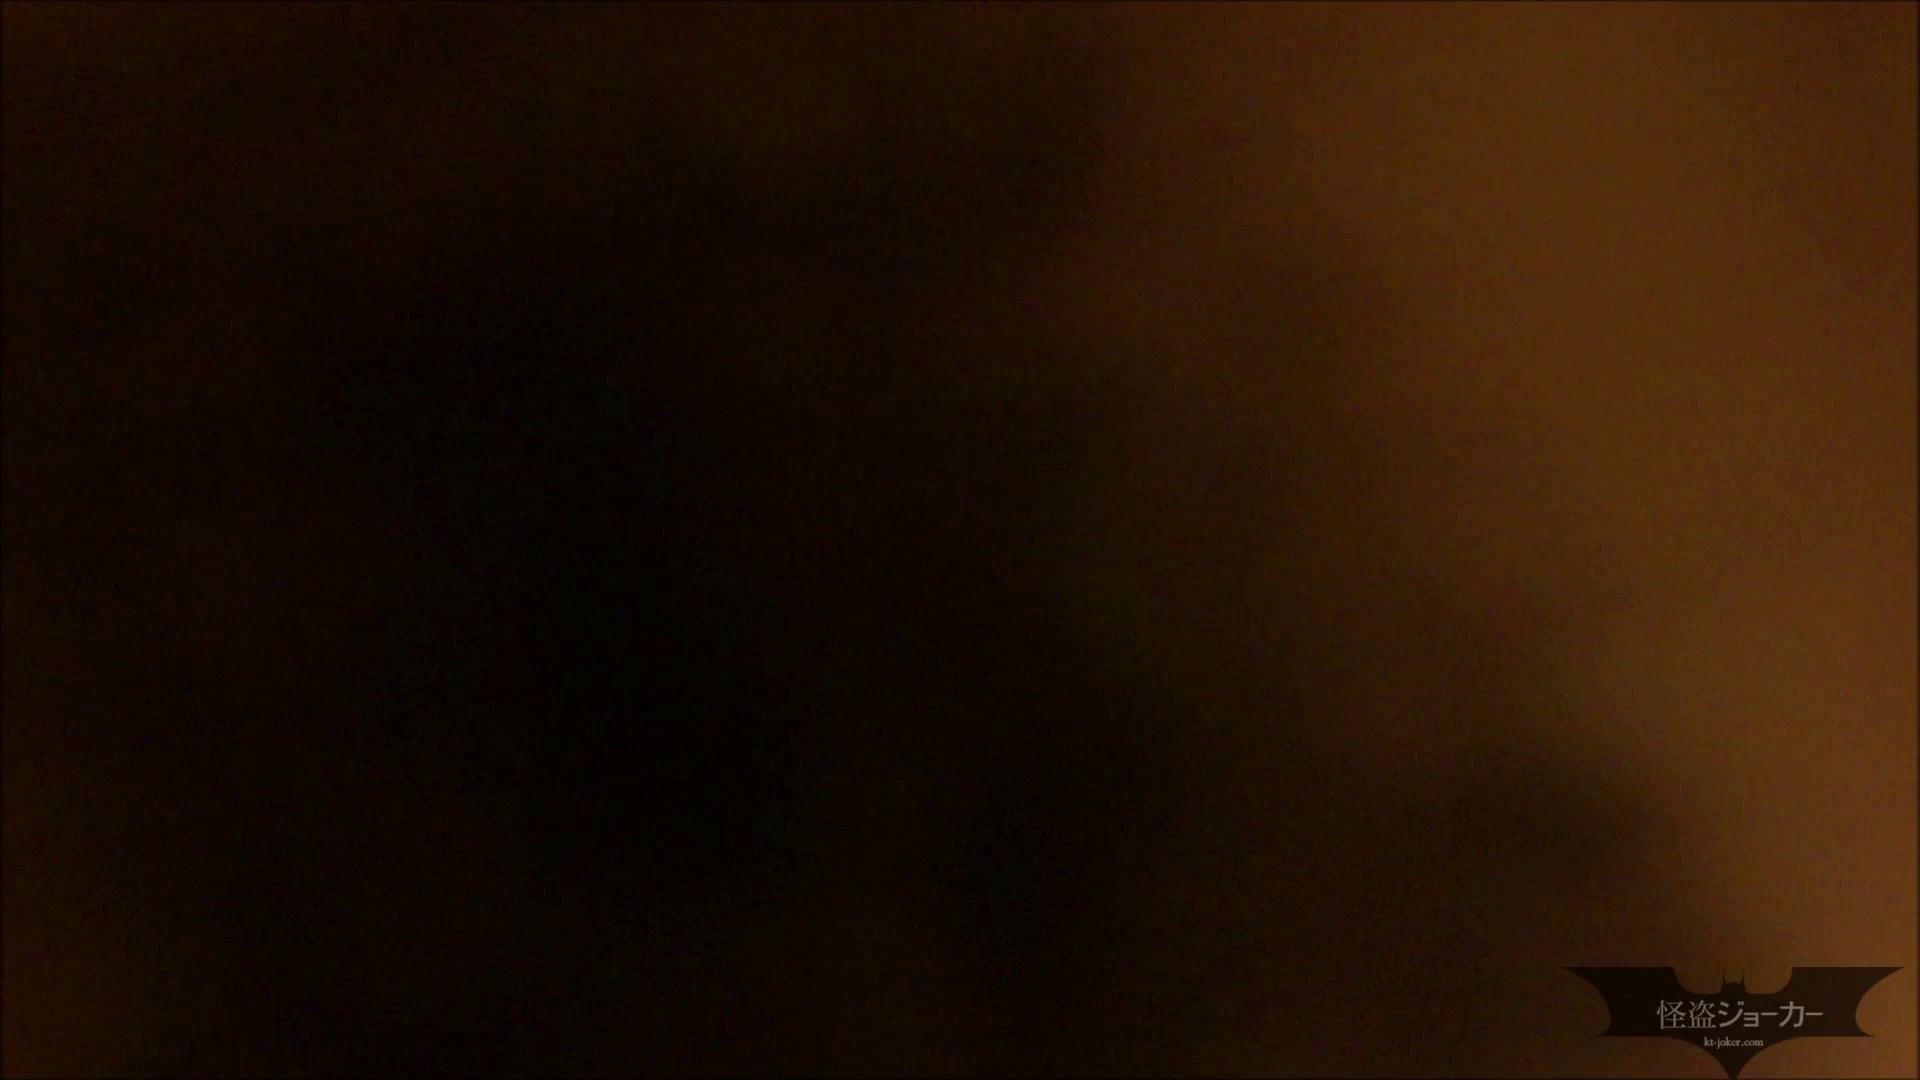 【未公開】vol.61【ユリナ】お泊り・・・実は前夜、、、。 高画質動画   丸見え  109画像 27